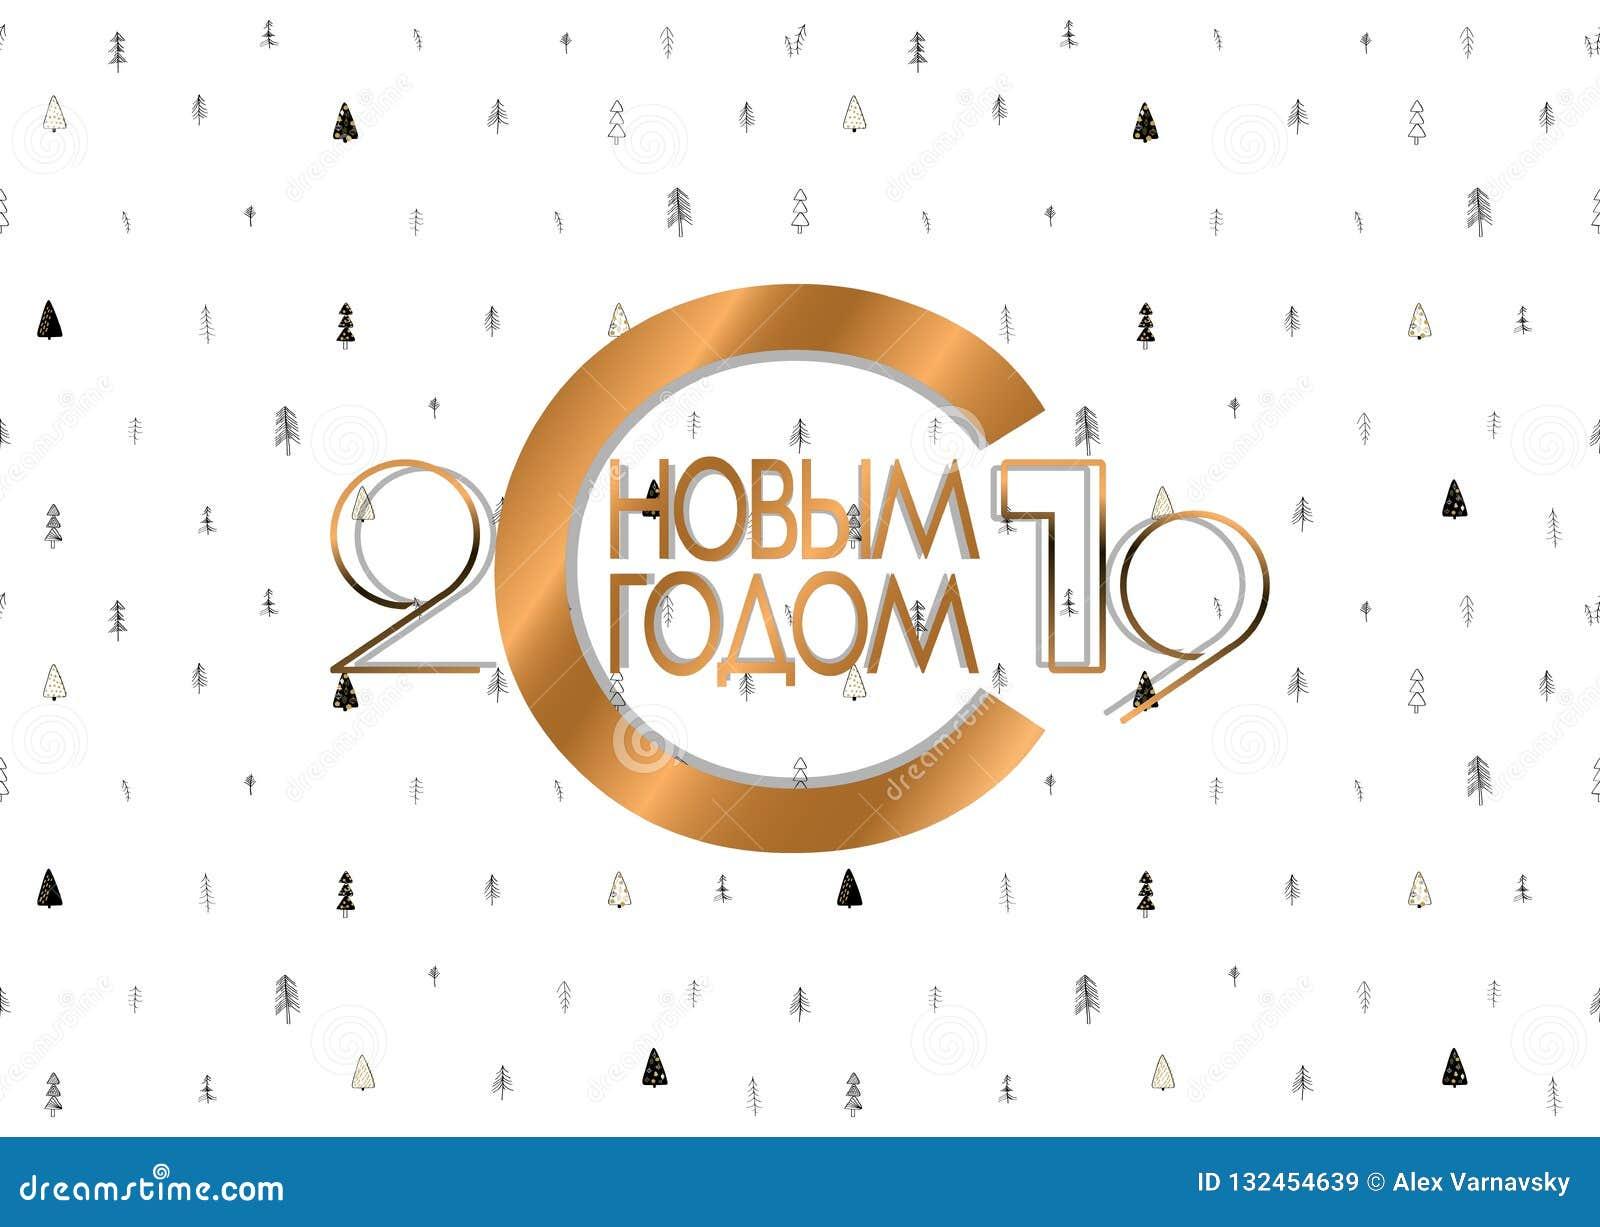 2019 υπόβαθρο καλής χρονιάς με τη χειμερινή δασική ρωσική μετάφραση καλή χρονιά